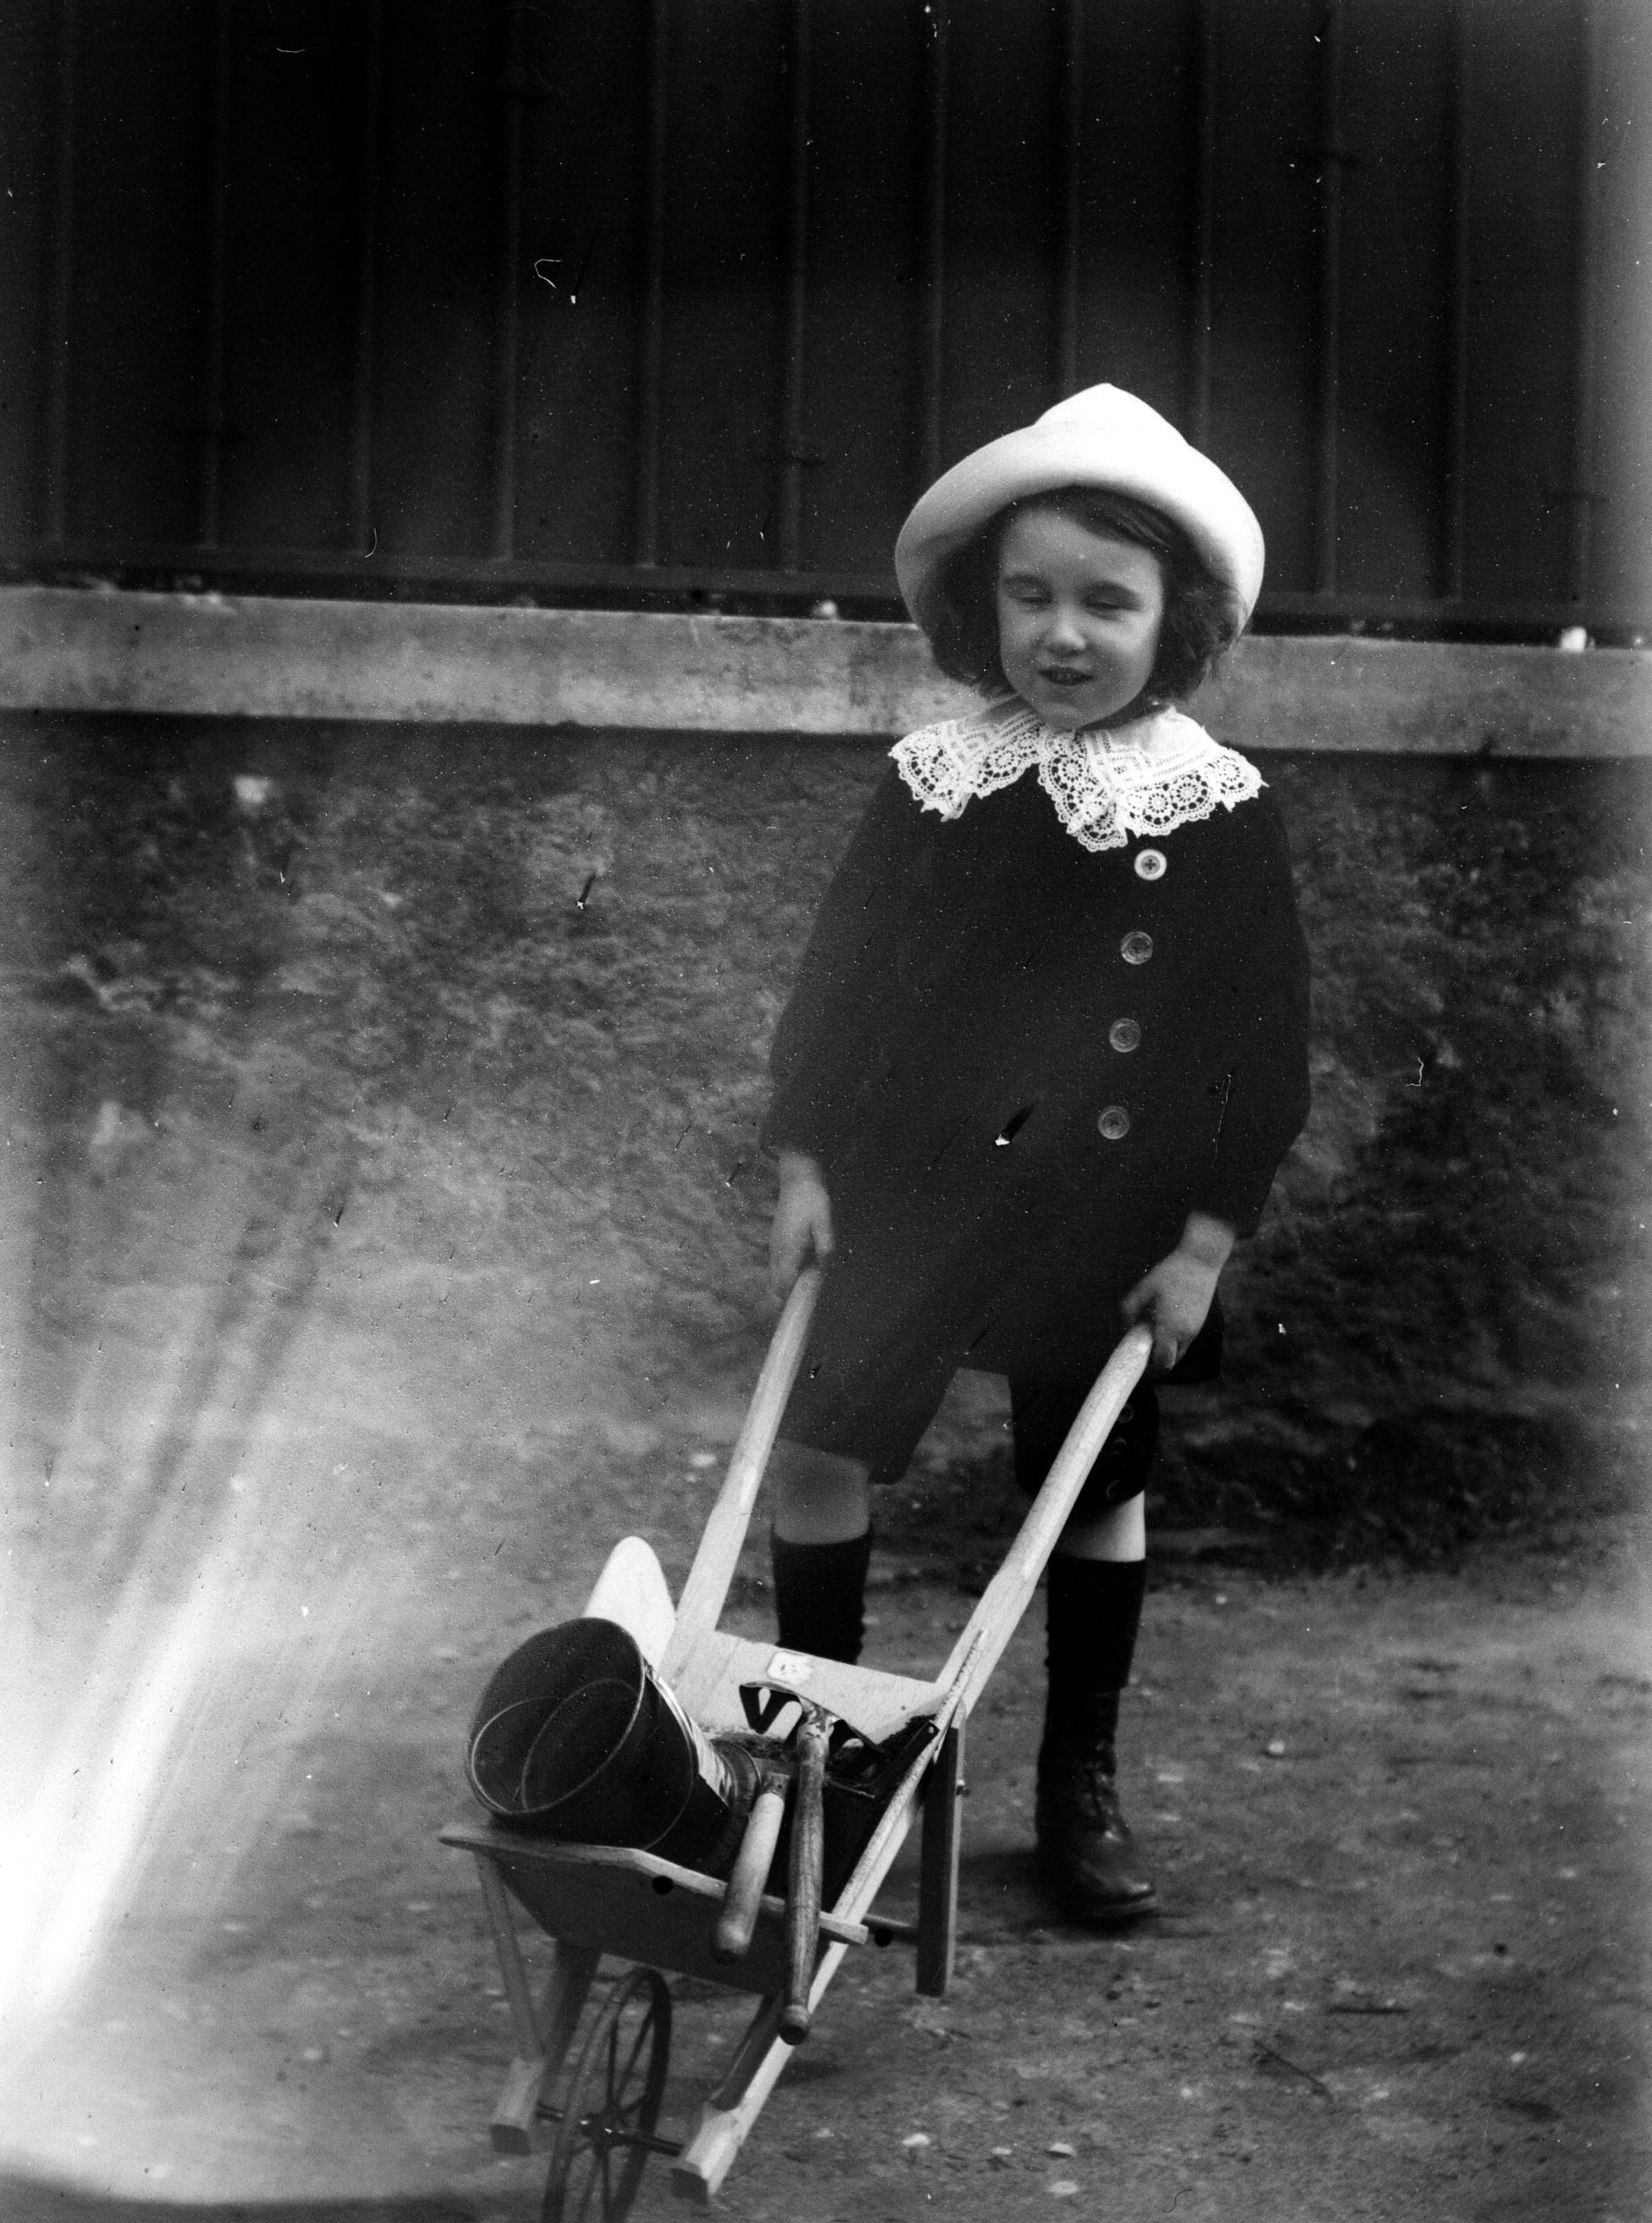 Le jardinier notre histoire for Le jardinier